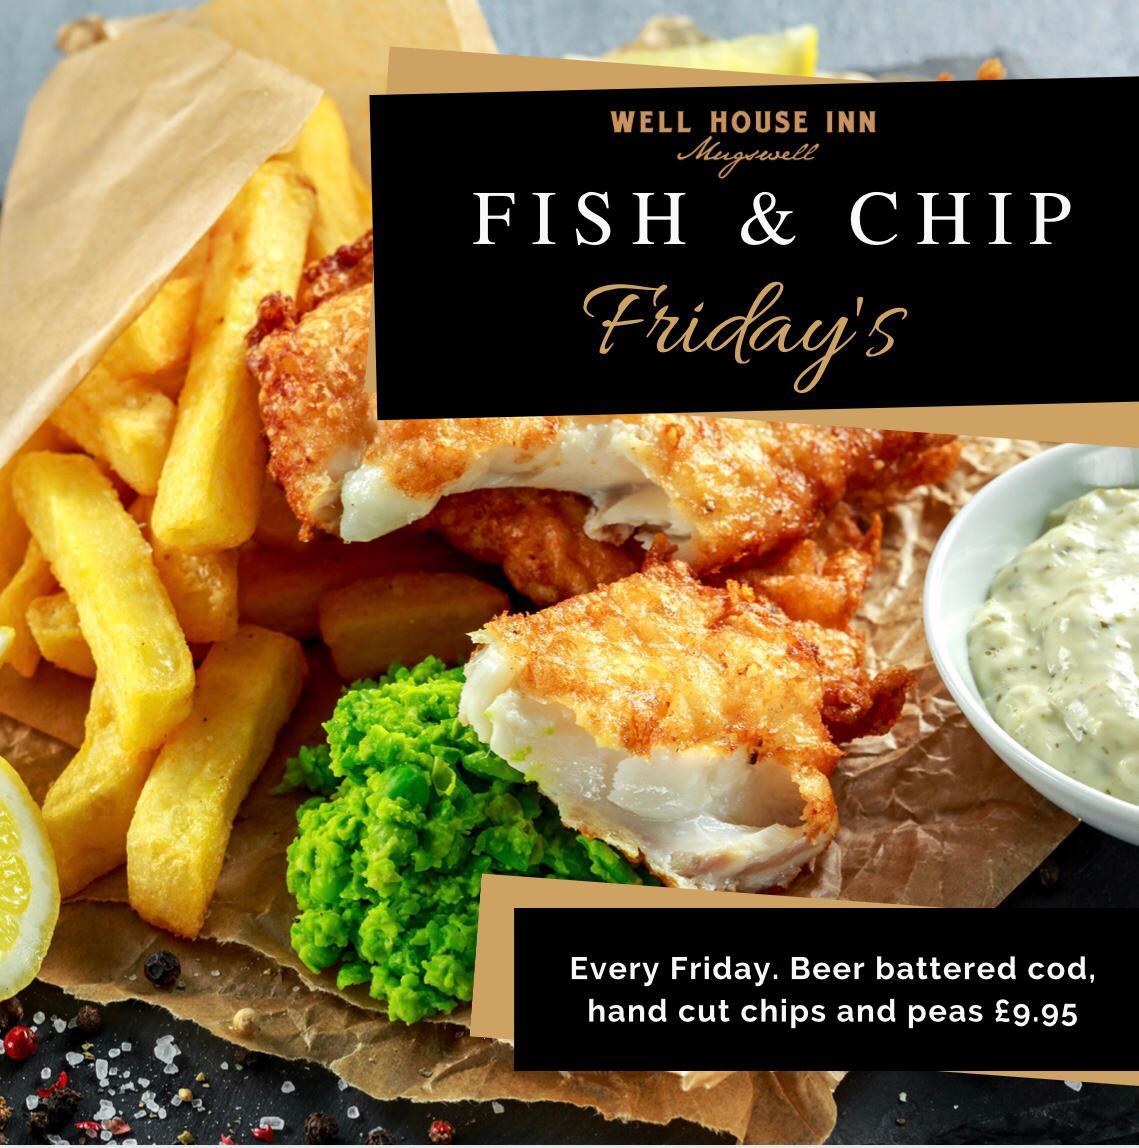 Fish & Chip Night